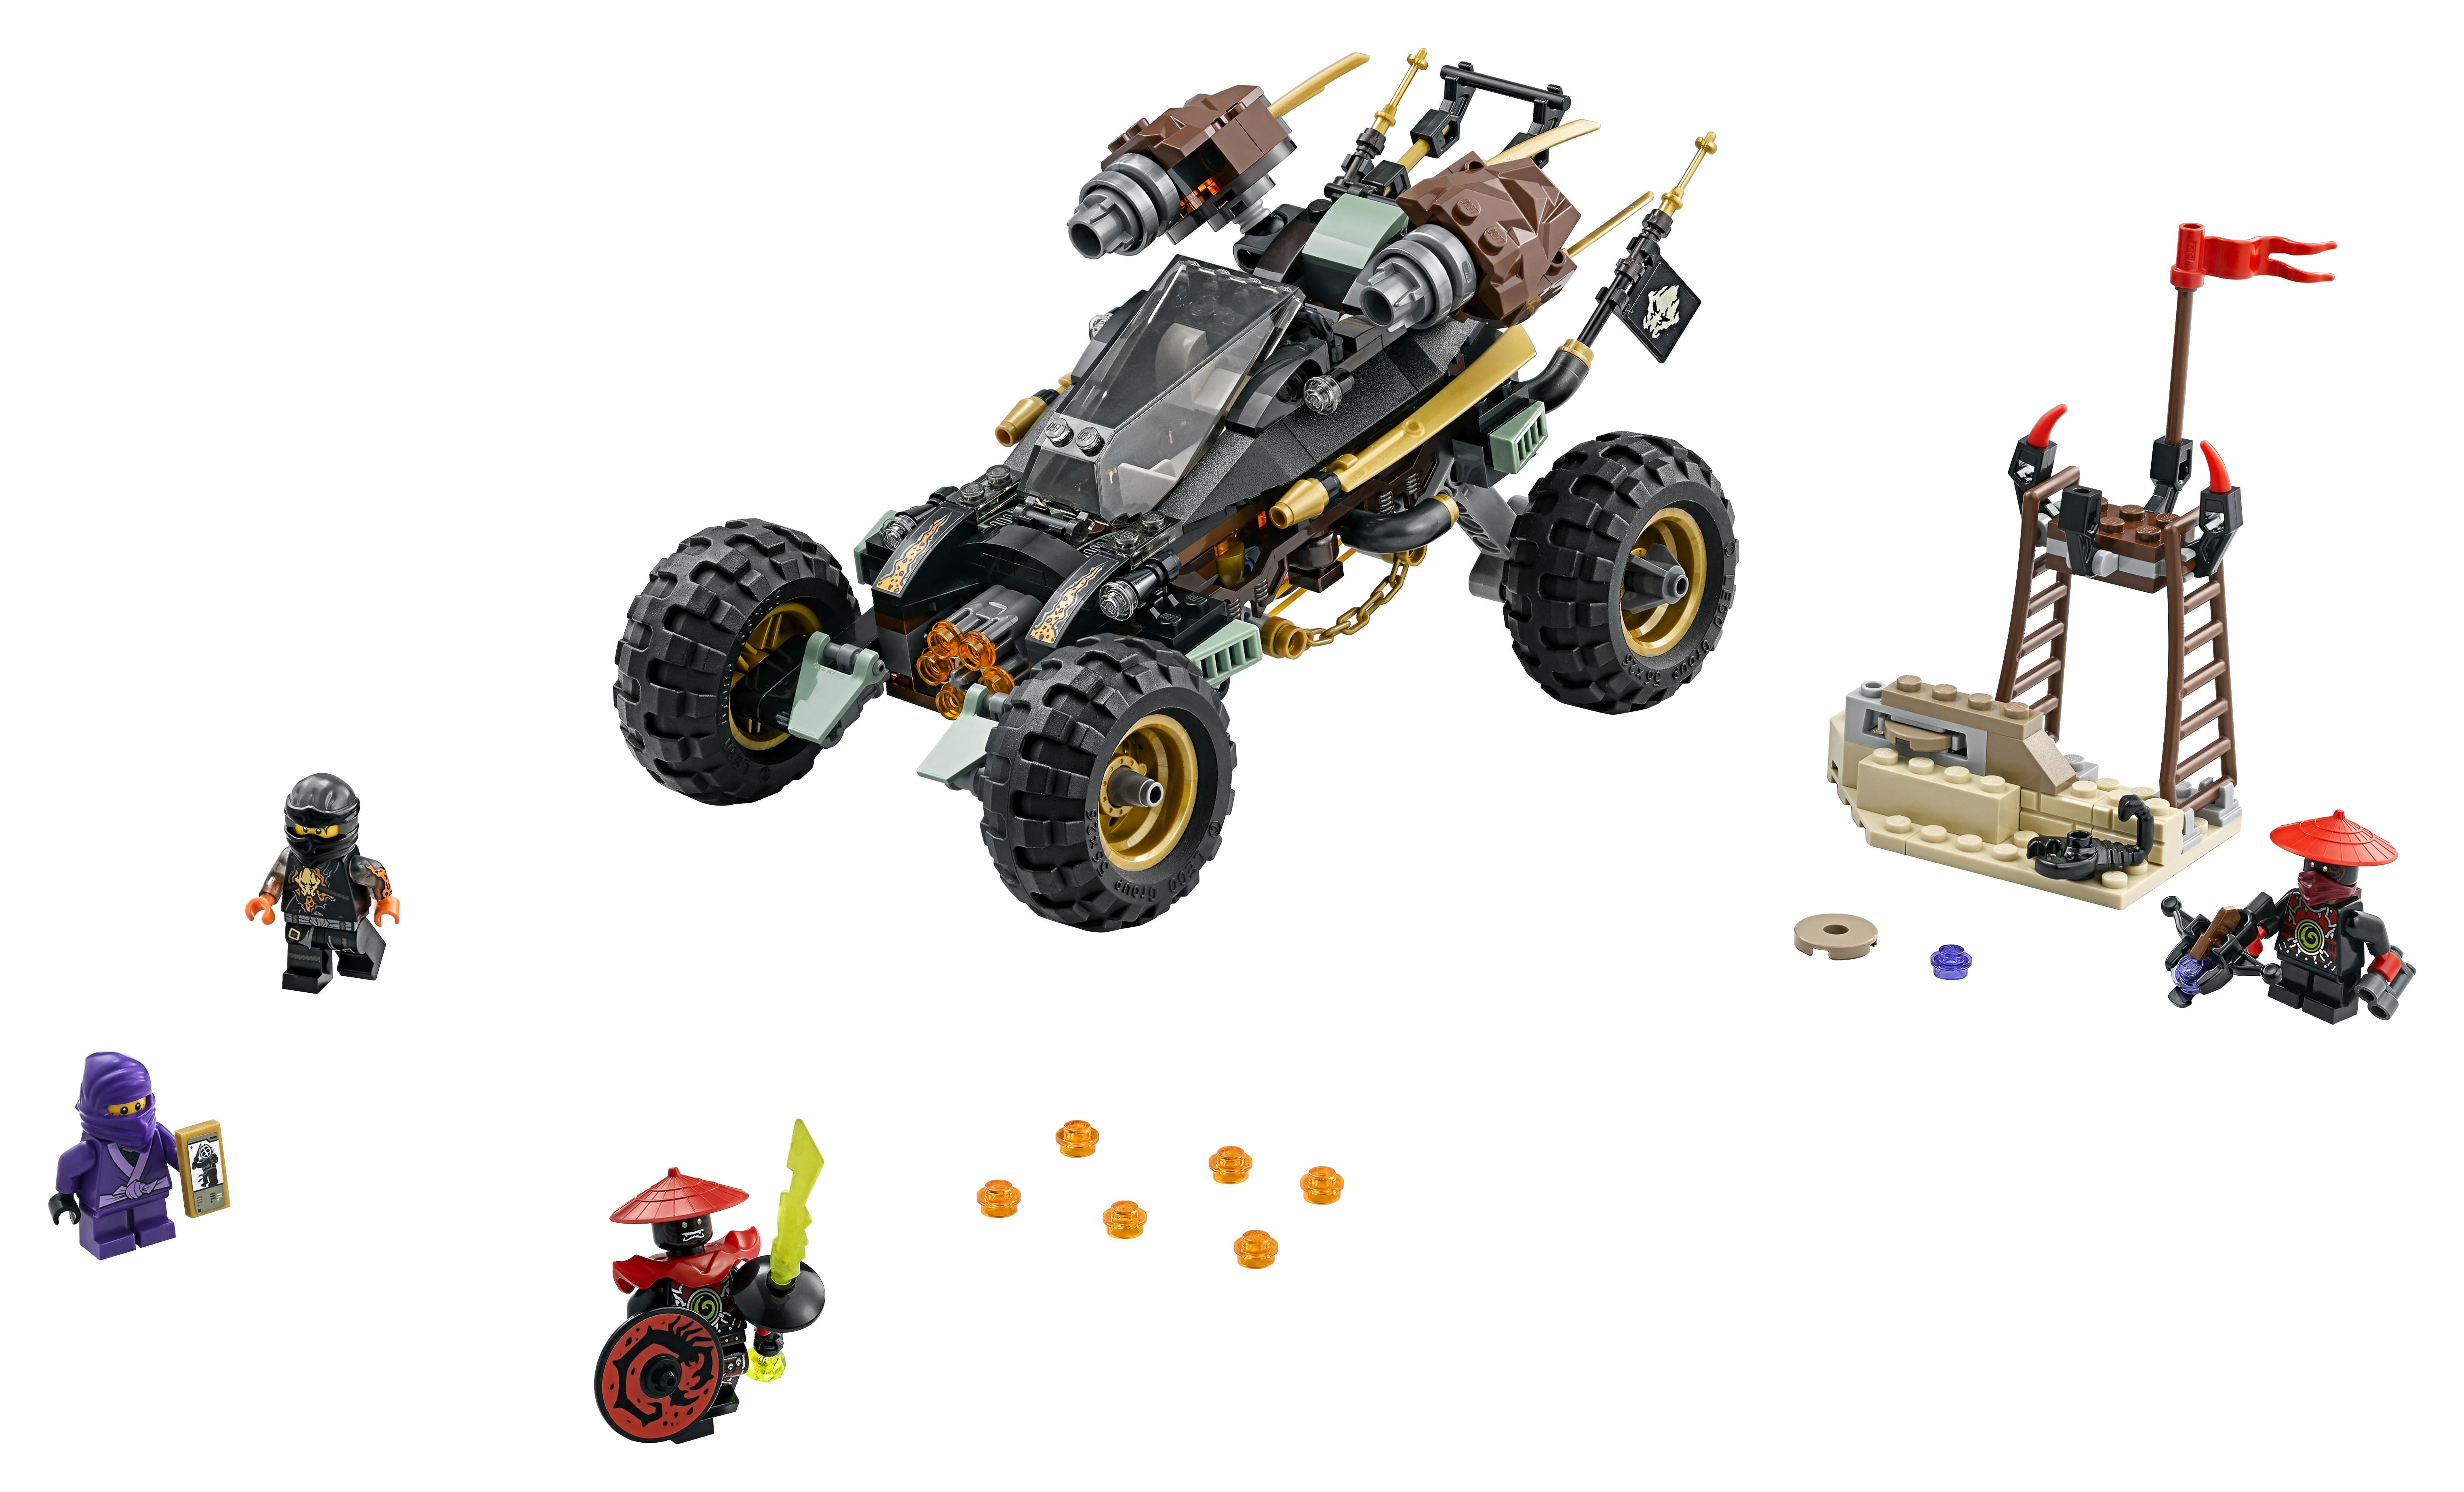 LEGO LEGO 70589 Горный внедорожник конструктор lego ninjago 70589 горный внедорожник